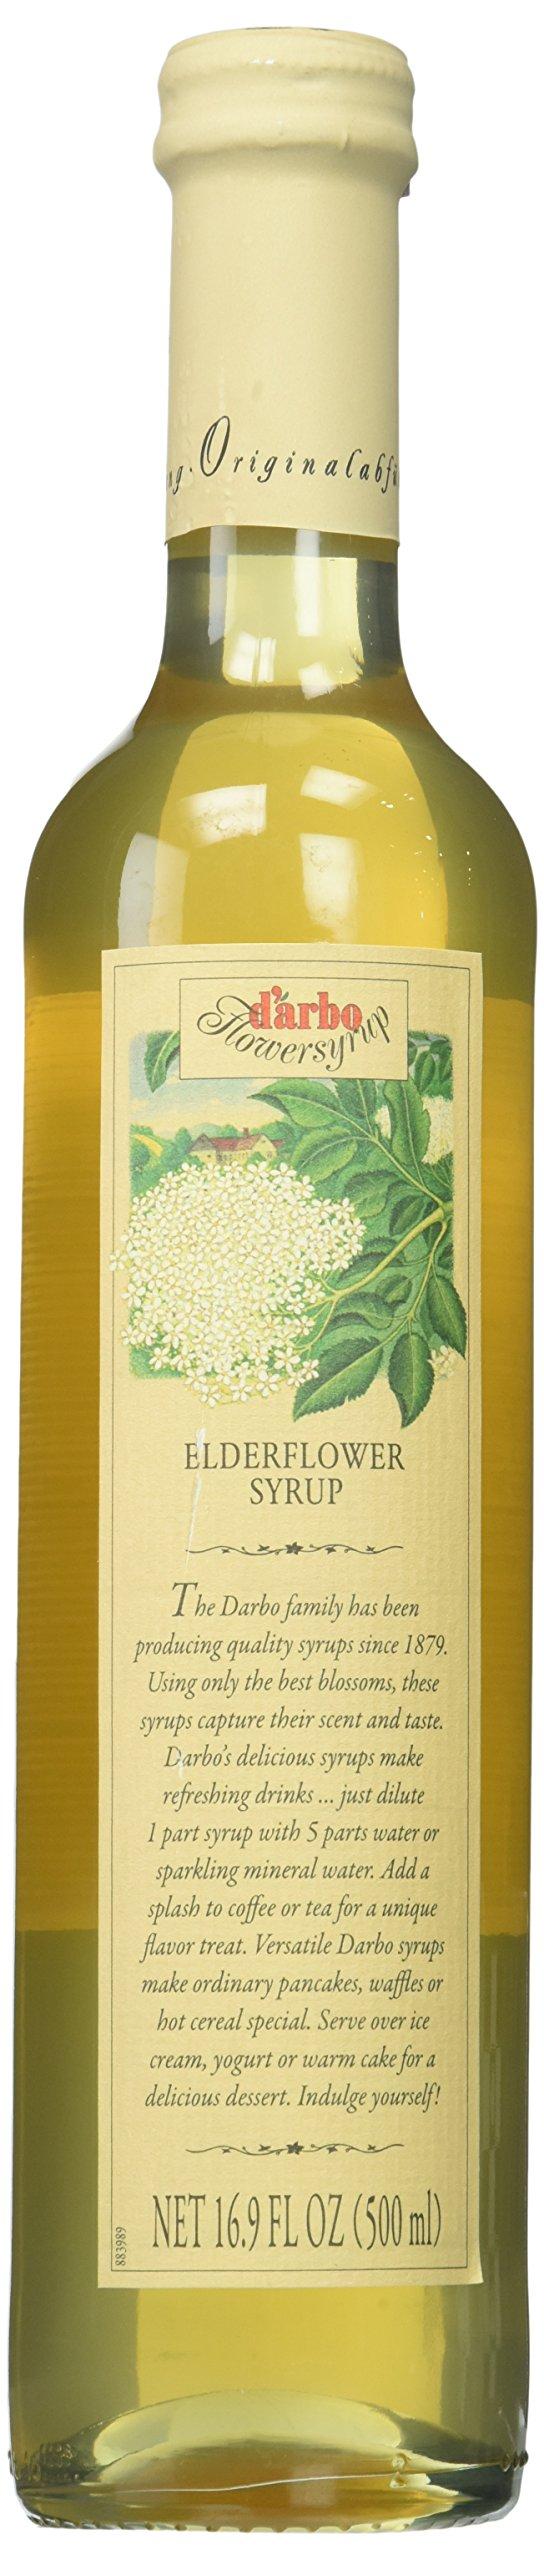 2 Pack D'arbo Elderflower Syrup 500 ml Each (Pack of 2 )